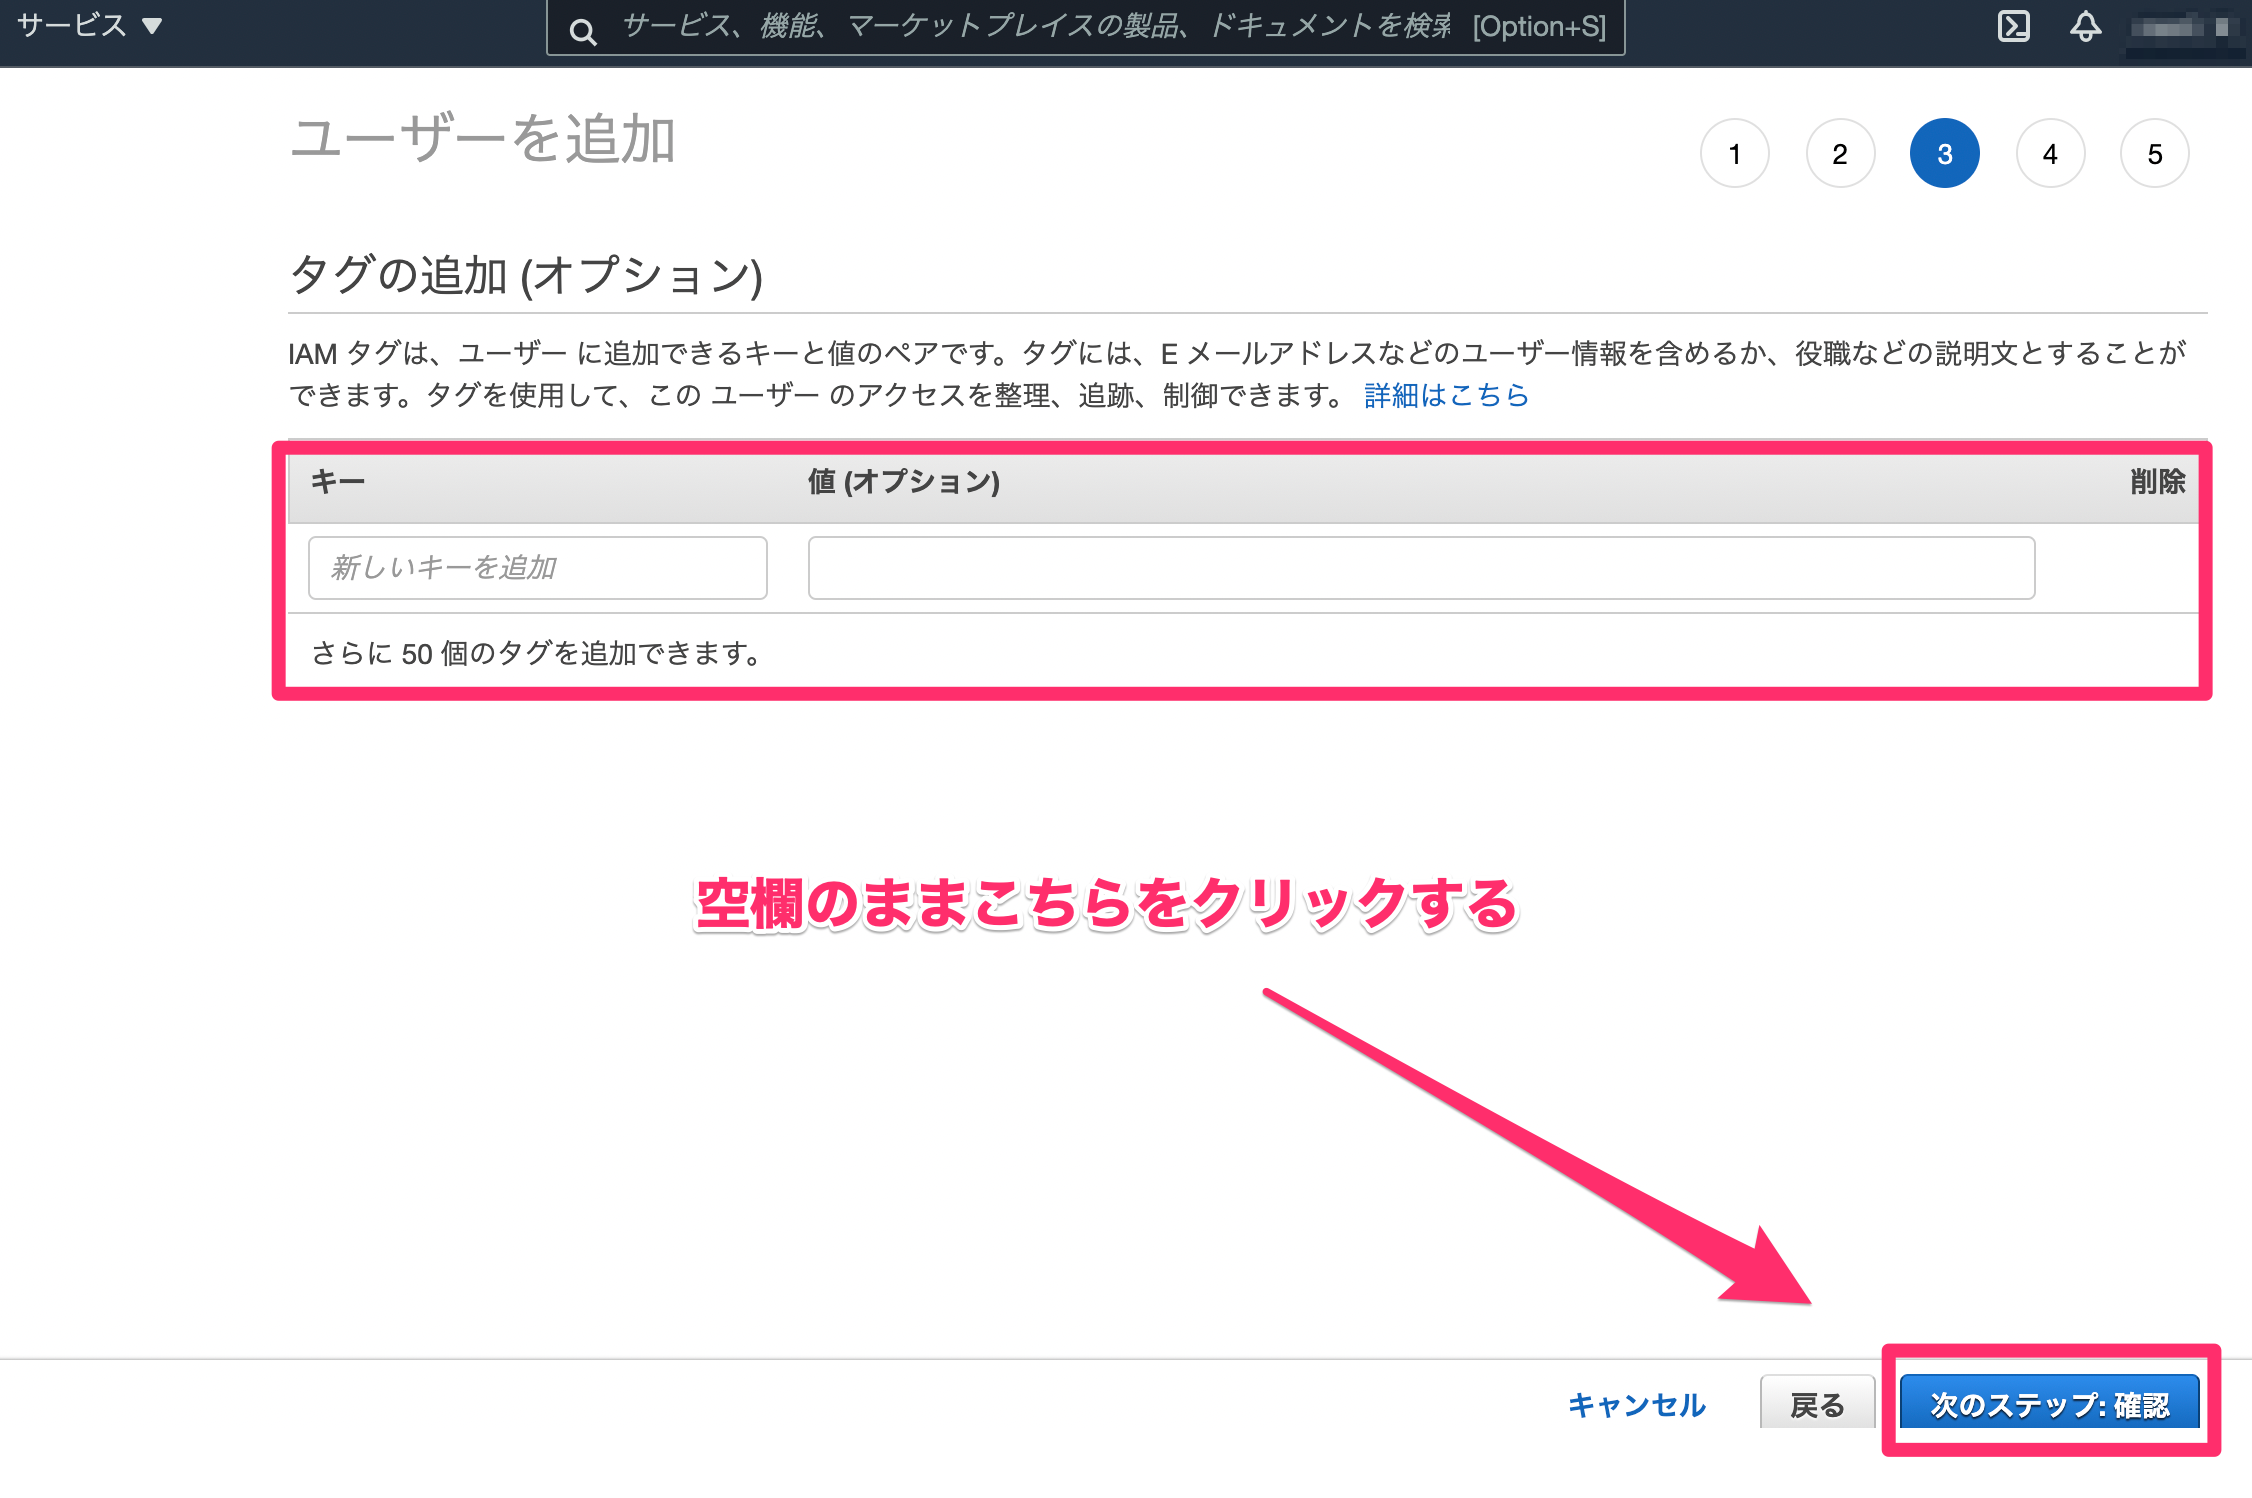 タグの追加オプションの画面